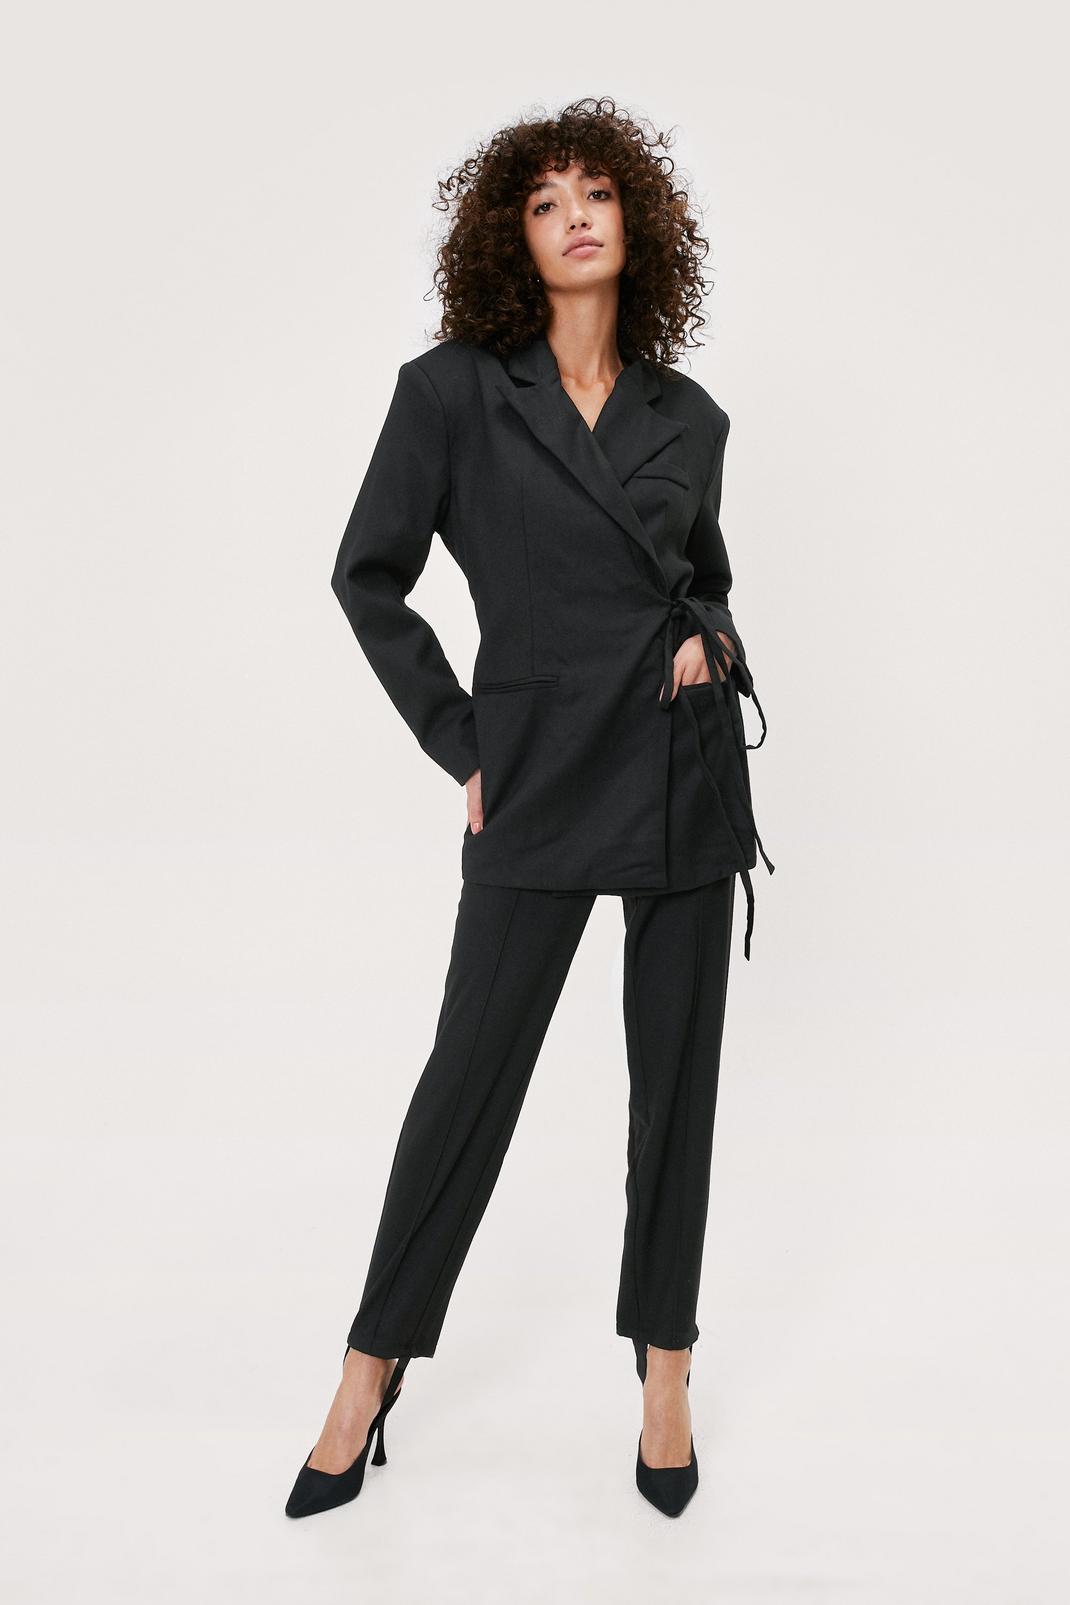 Stirrup Detail Tailored Pants